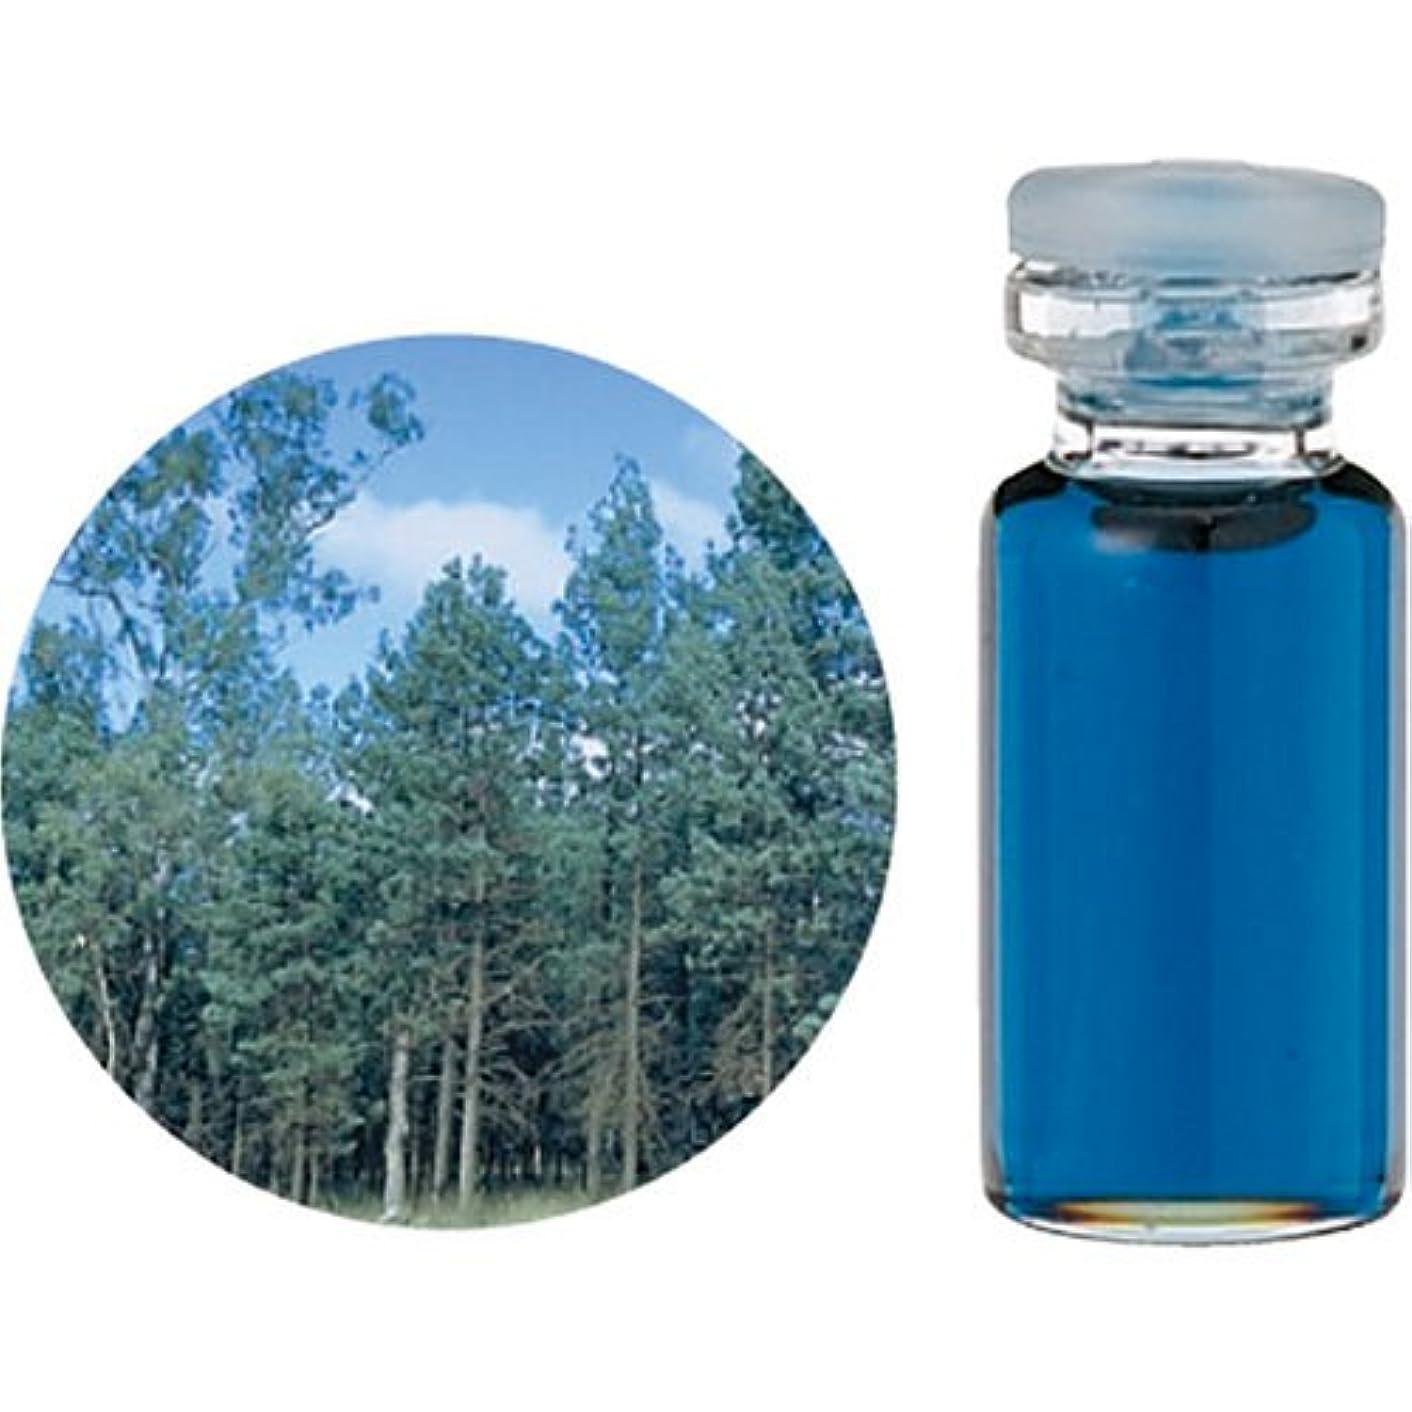 困惑した柔らかい学校教育生活の木 C ブルー サイプレス エッセンシャルオイル 10ml